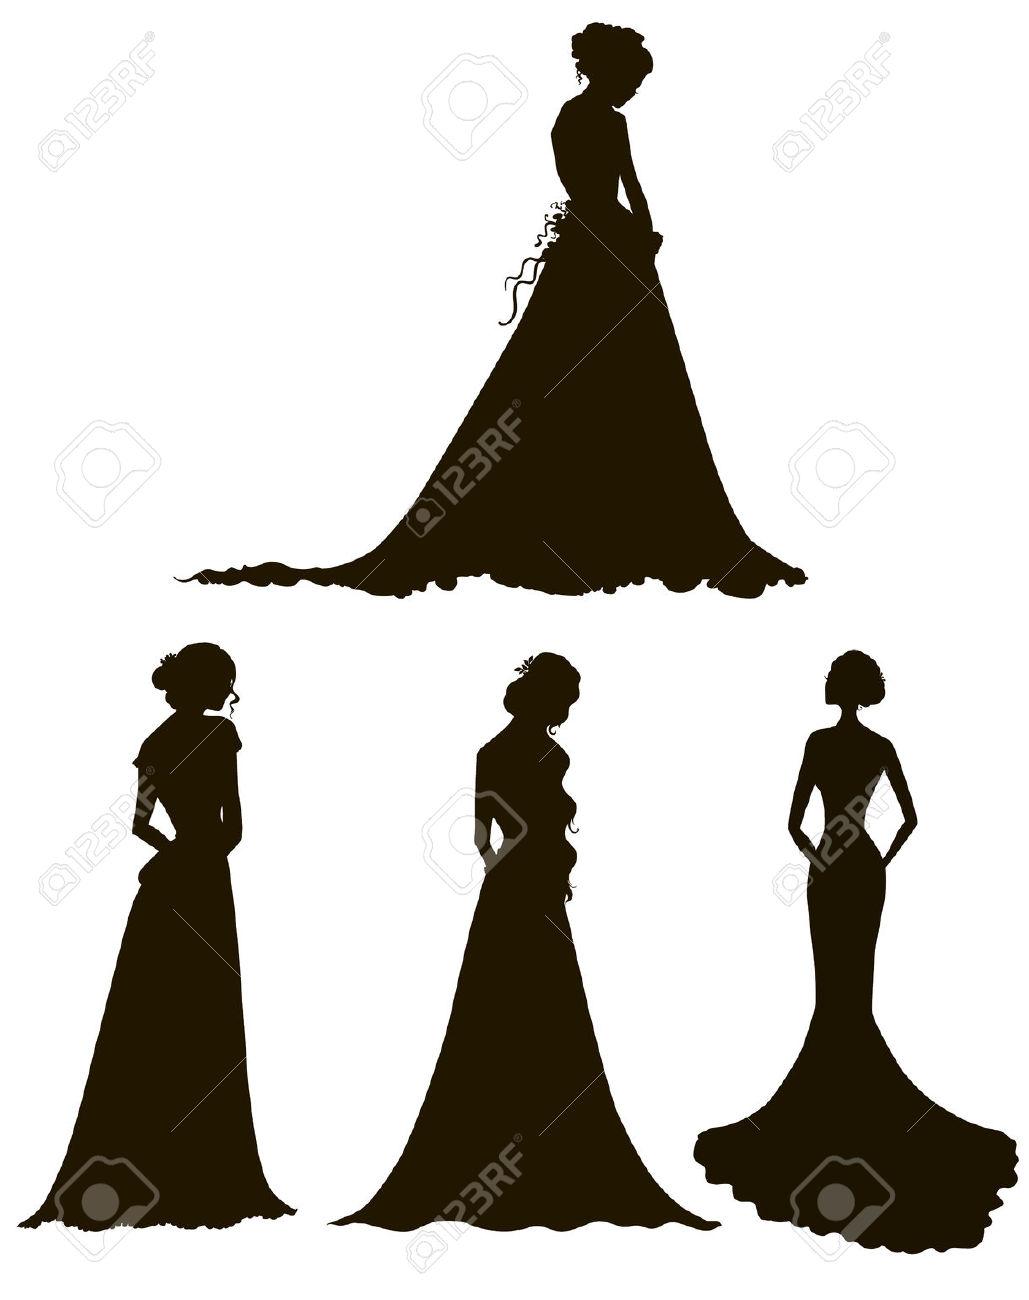 Jeunes Femmes En Robes Longues Silhouettes Brides Outline Vector.